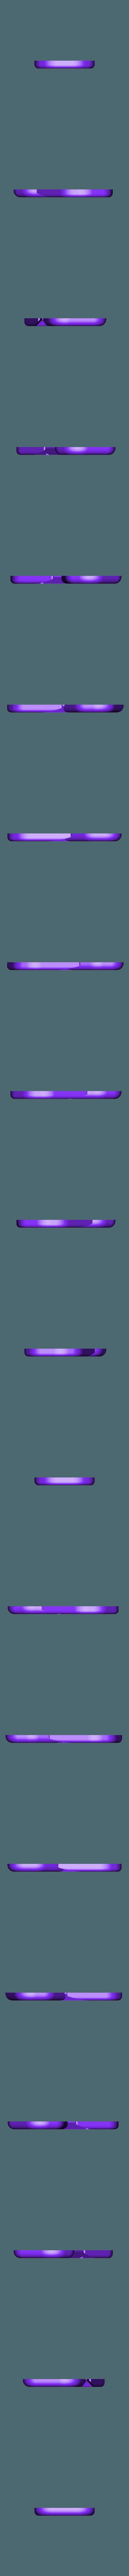 linecutter1.stl Télécharger fichier STL gratuit Coupe-ligne • Plan pour impression 3D, TheRa